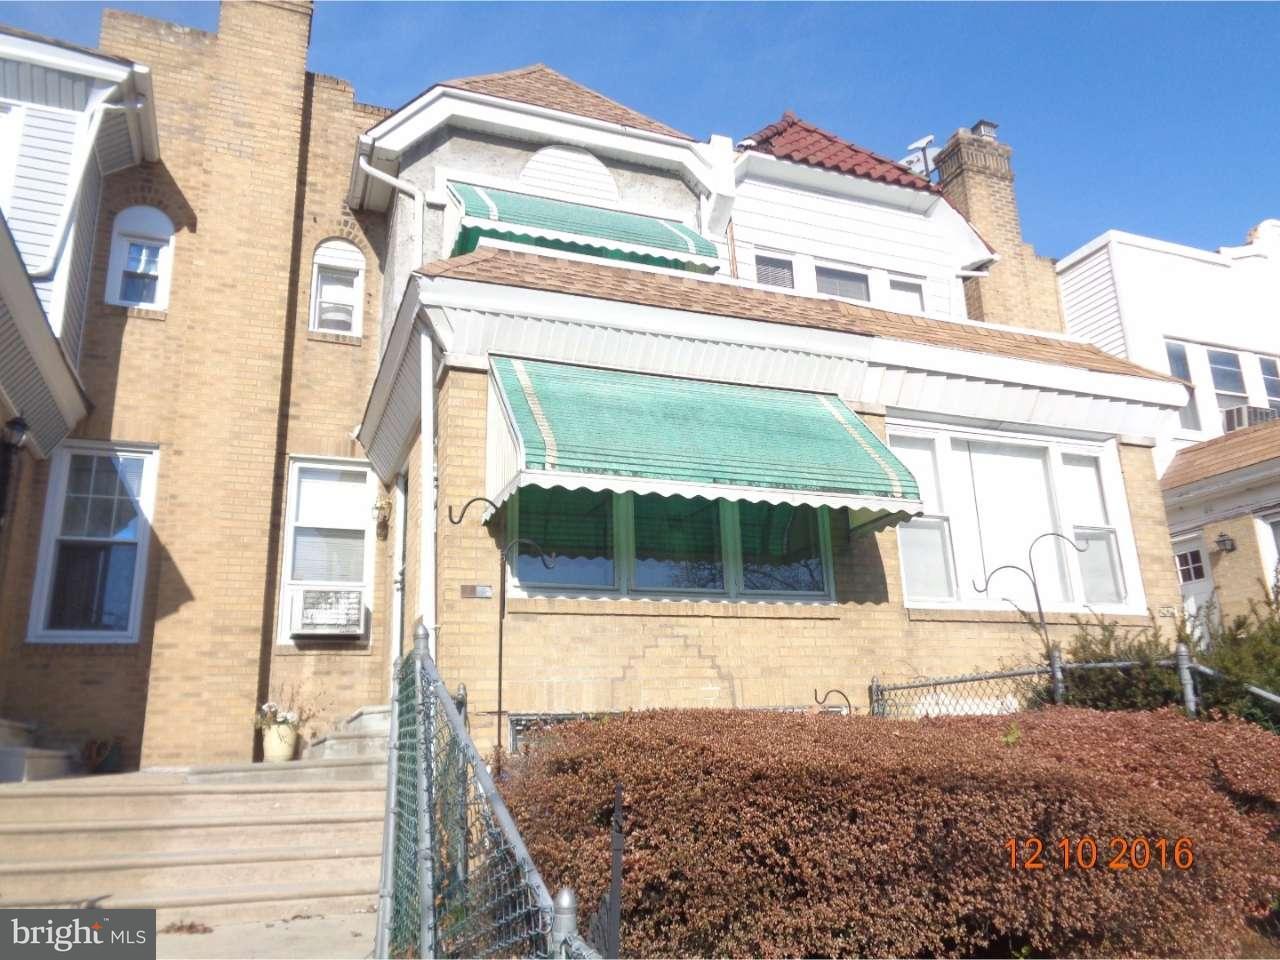 联栋屋 为 销售 在 2427 78TH Avenue 费城, 宾夕法尼亚州 19150 美国